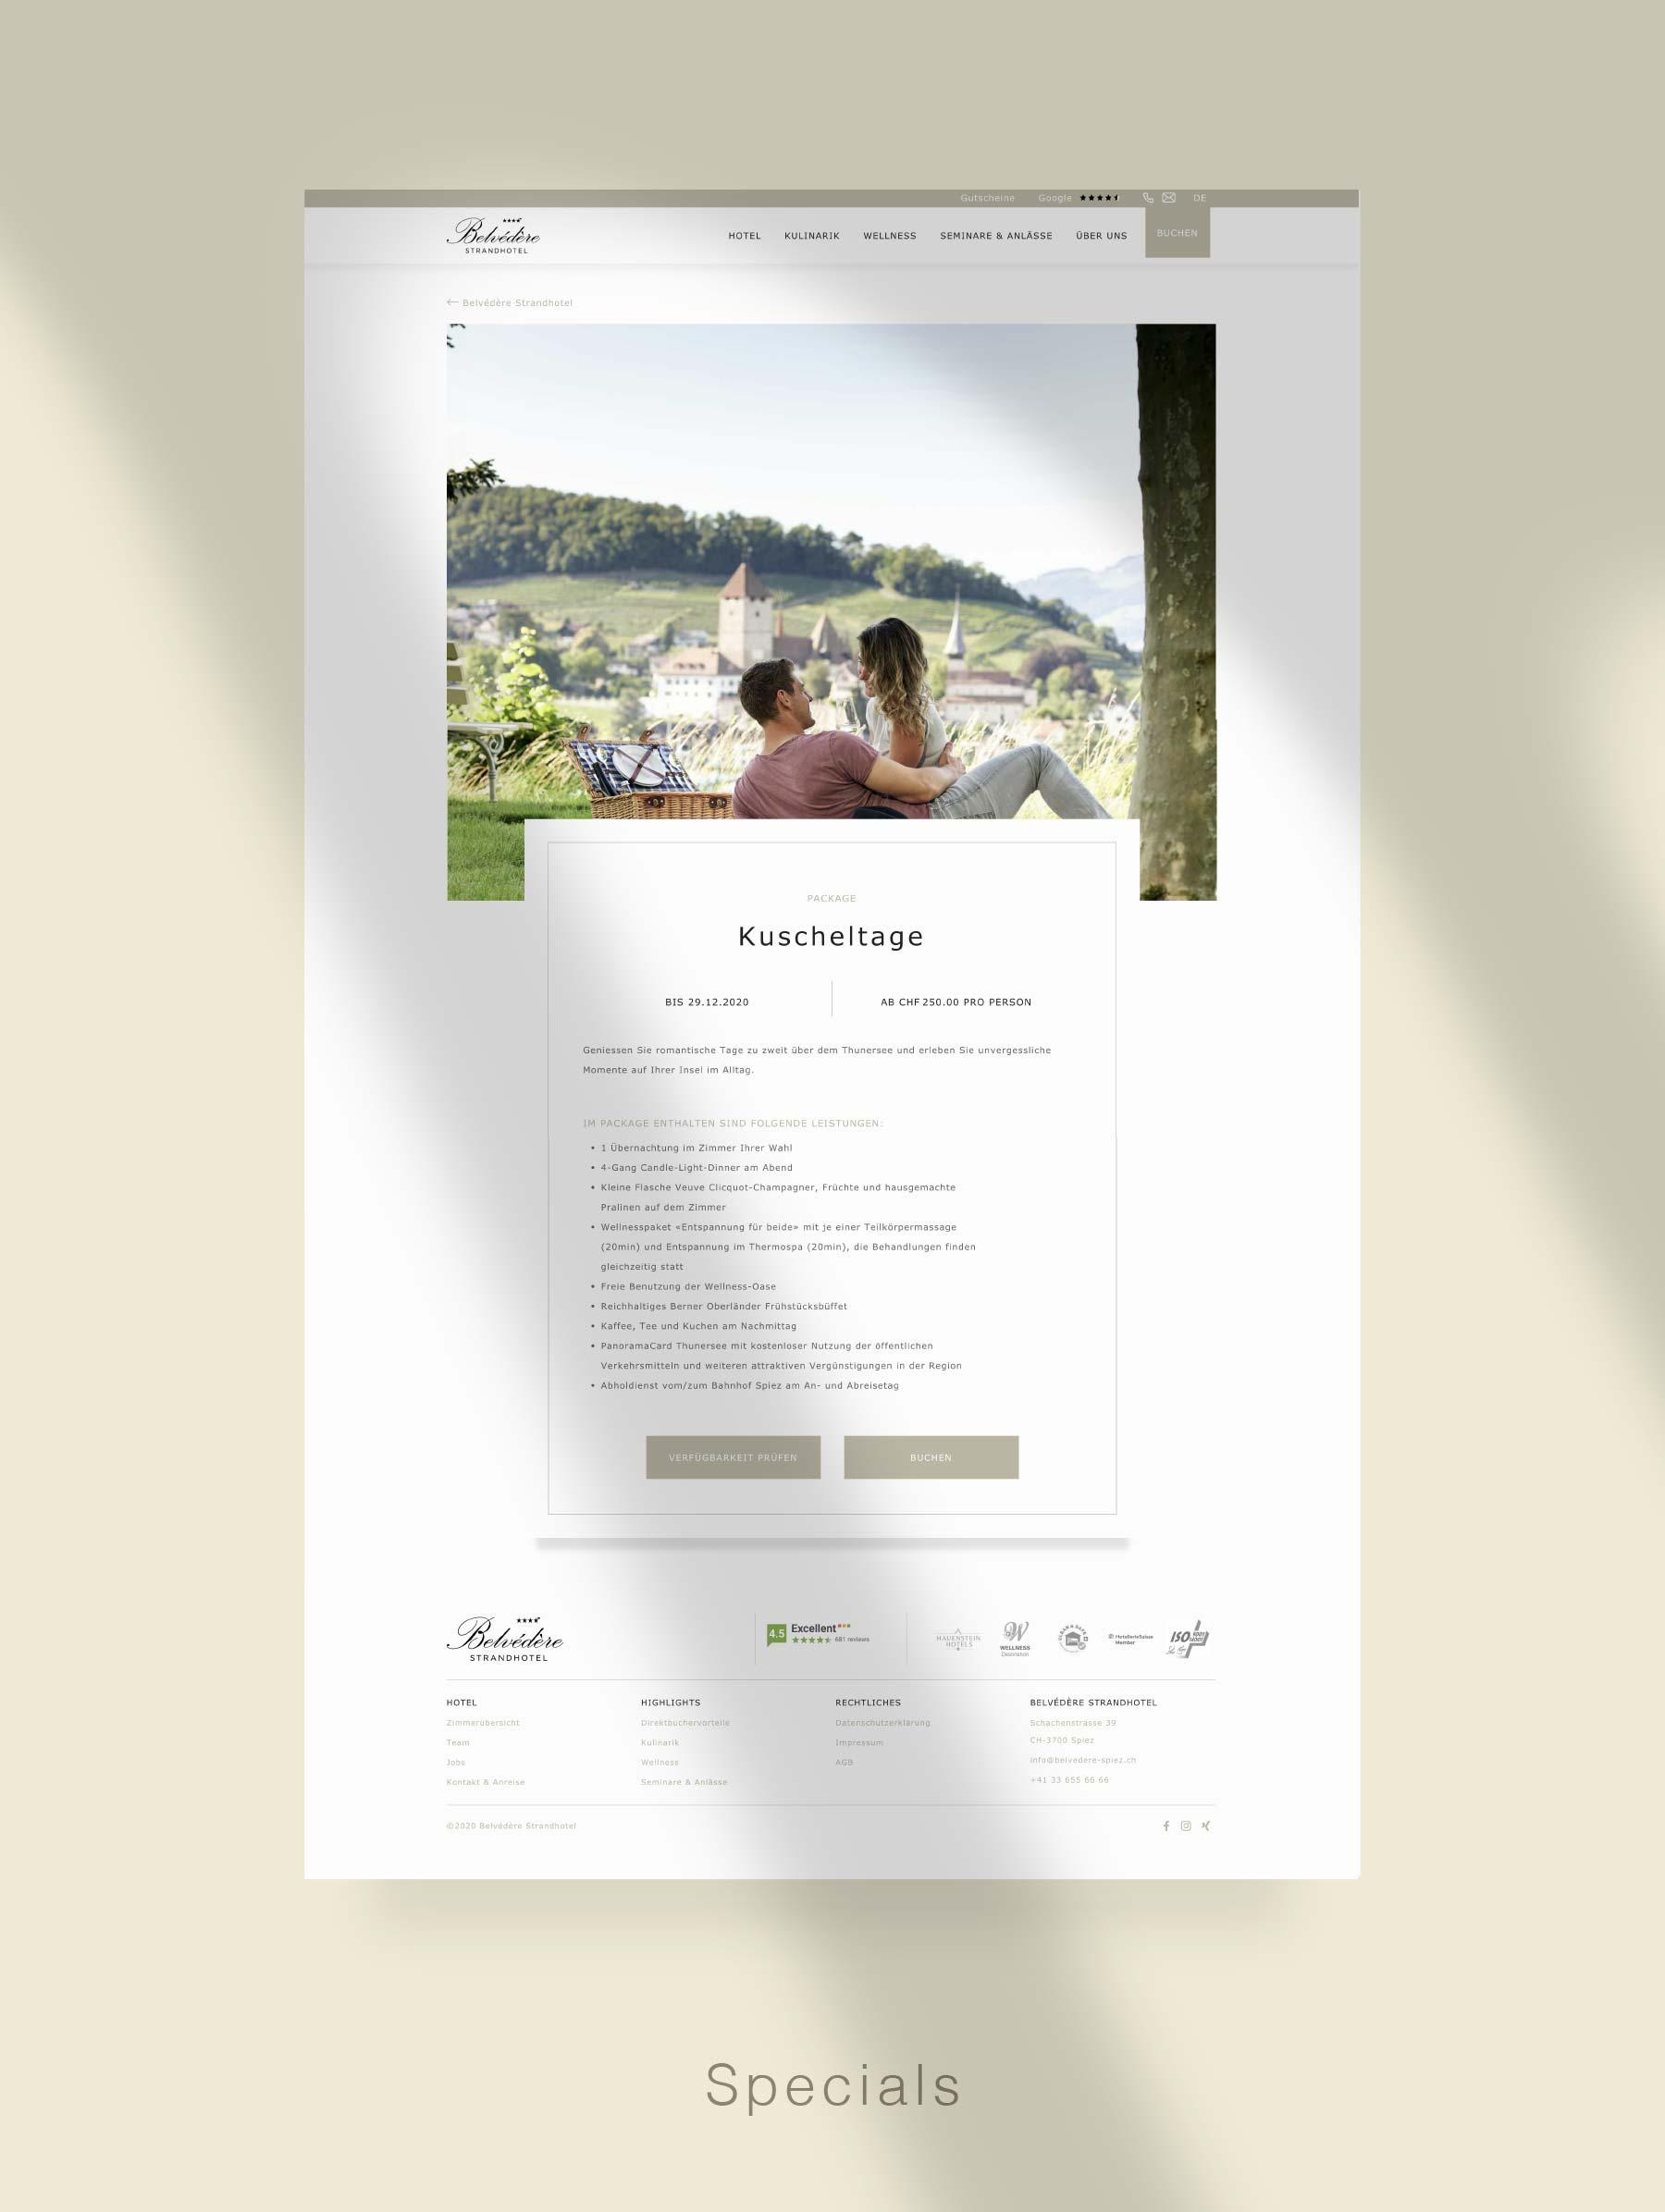 Landingpage für Kampagnen - Entwicklung Webseite für Hotel Schweiz